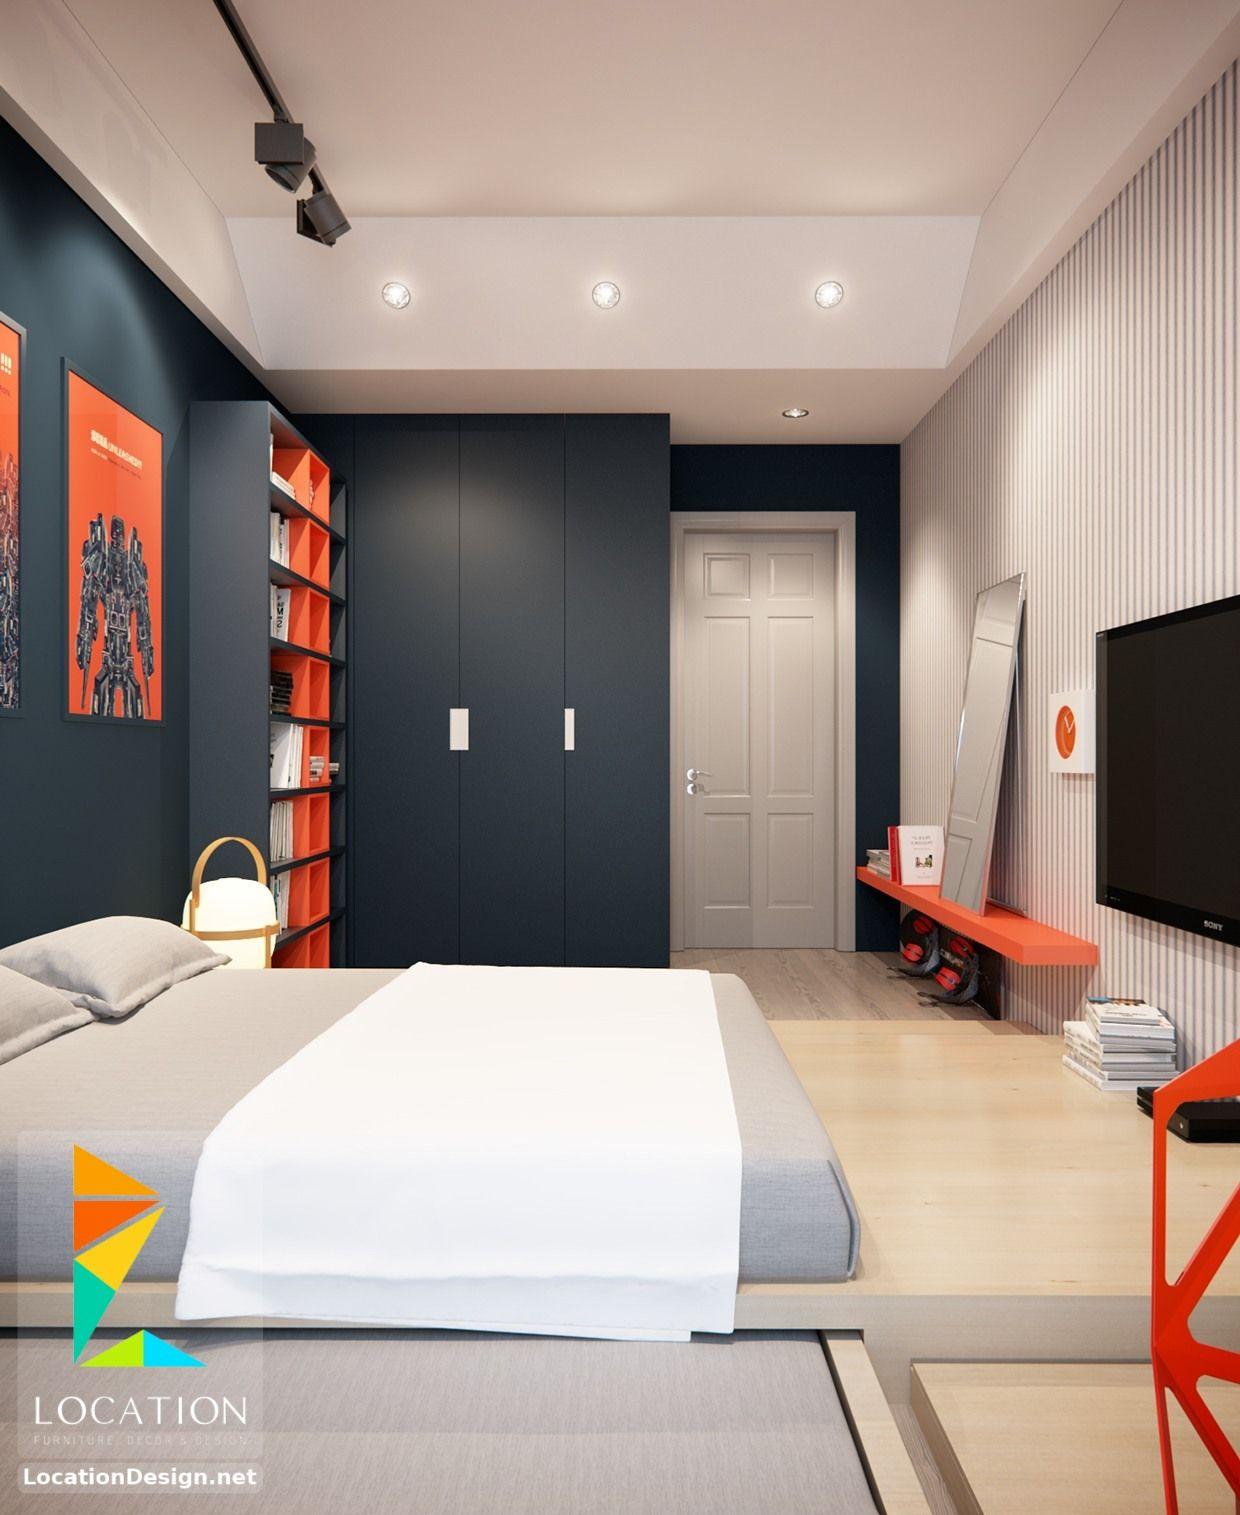 غرف نوم اولاد شباب أحدث موديلات غرف شبابي مودرن لوكشين ديزين نت Modern Bedroom Design Boy Bedroom Design Bedroom Interior